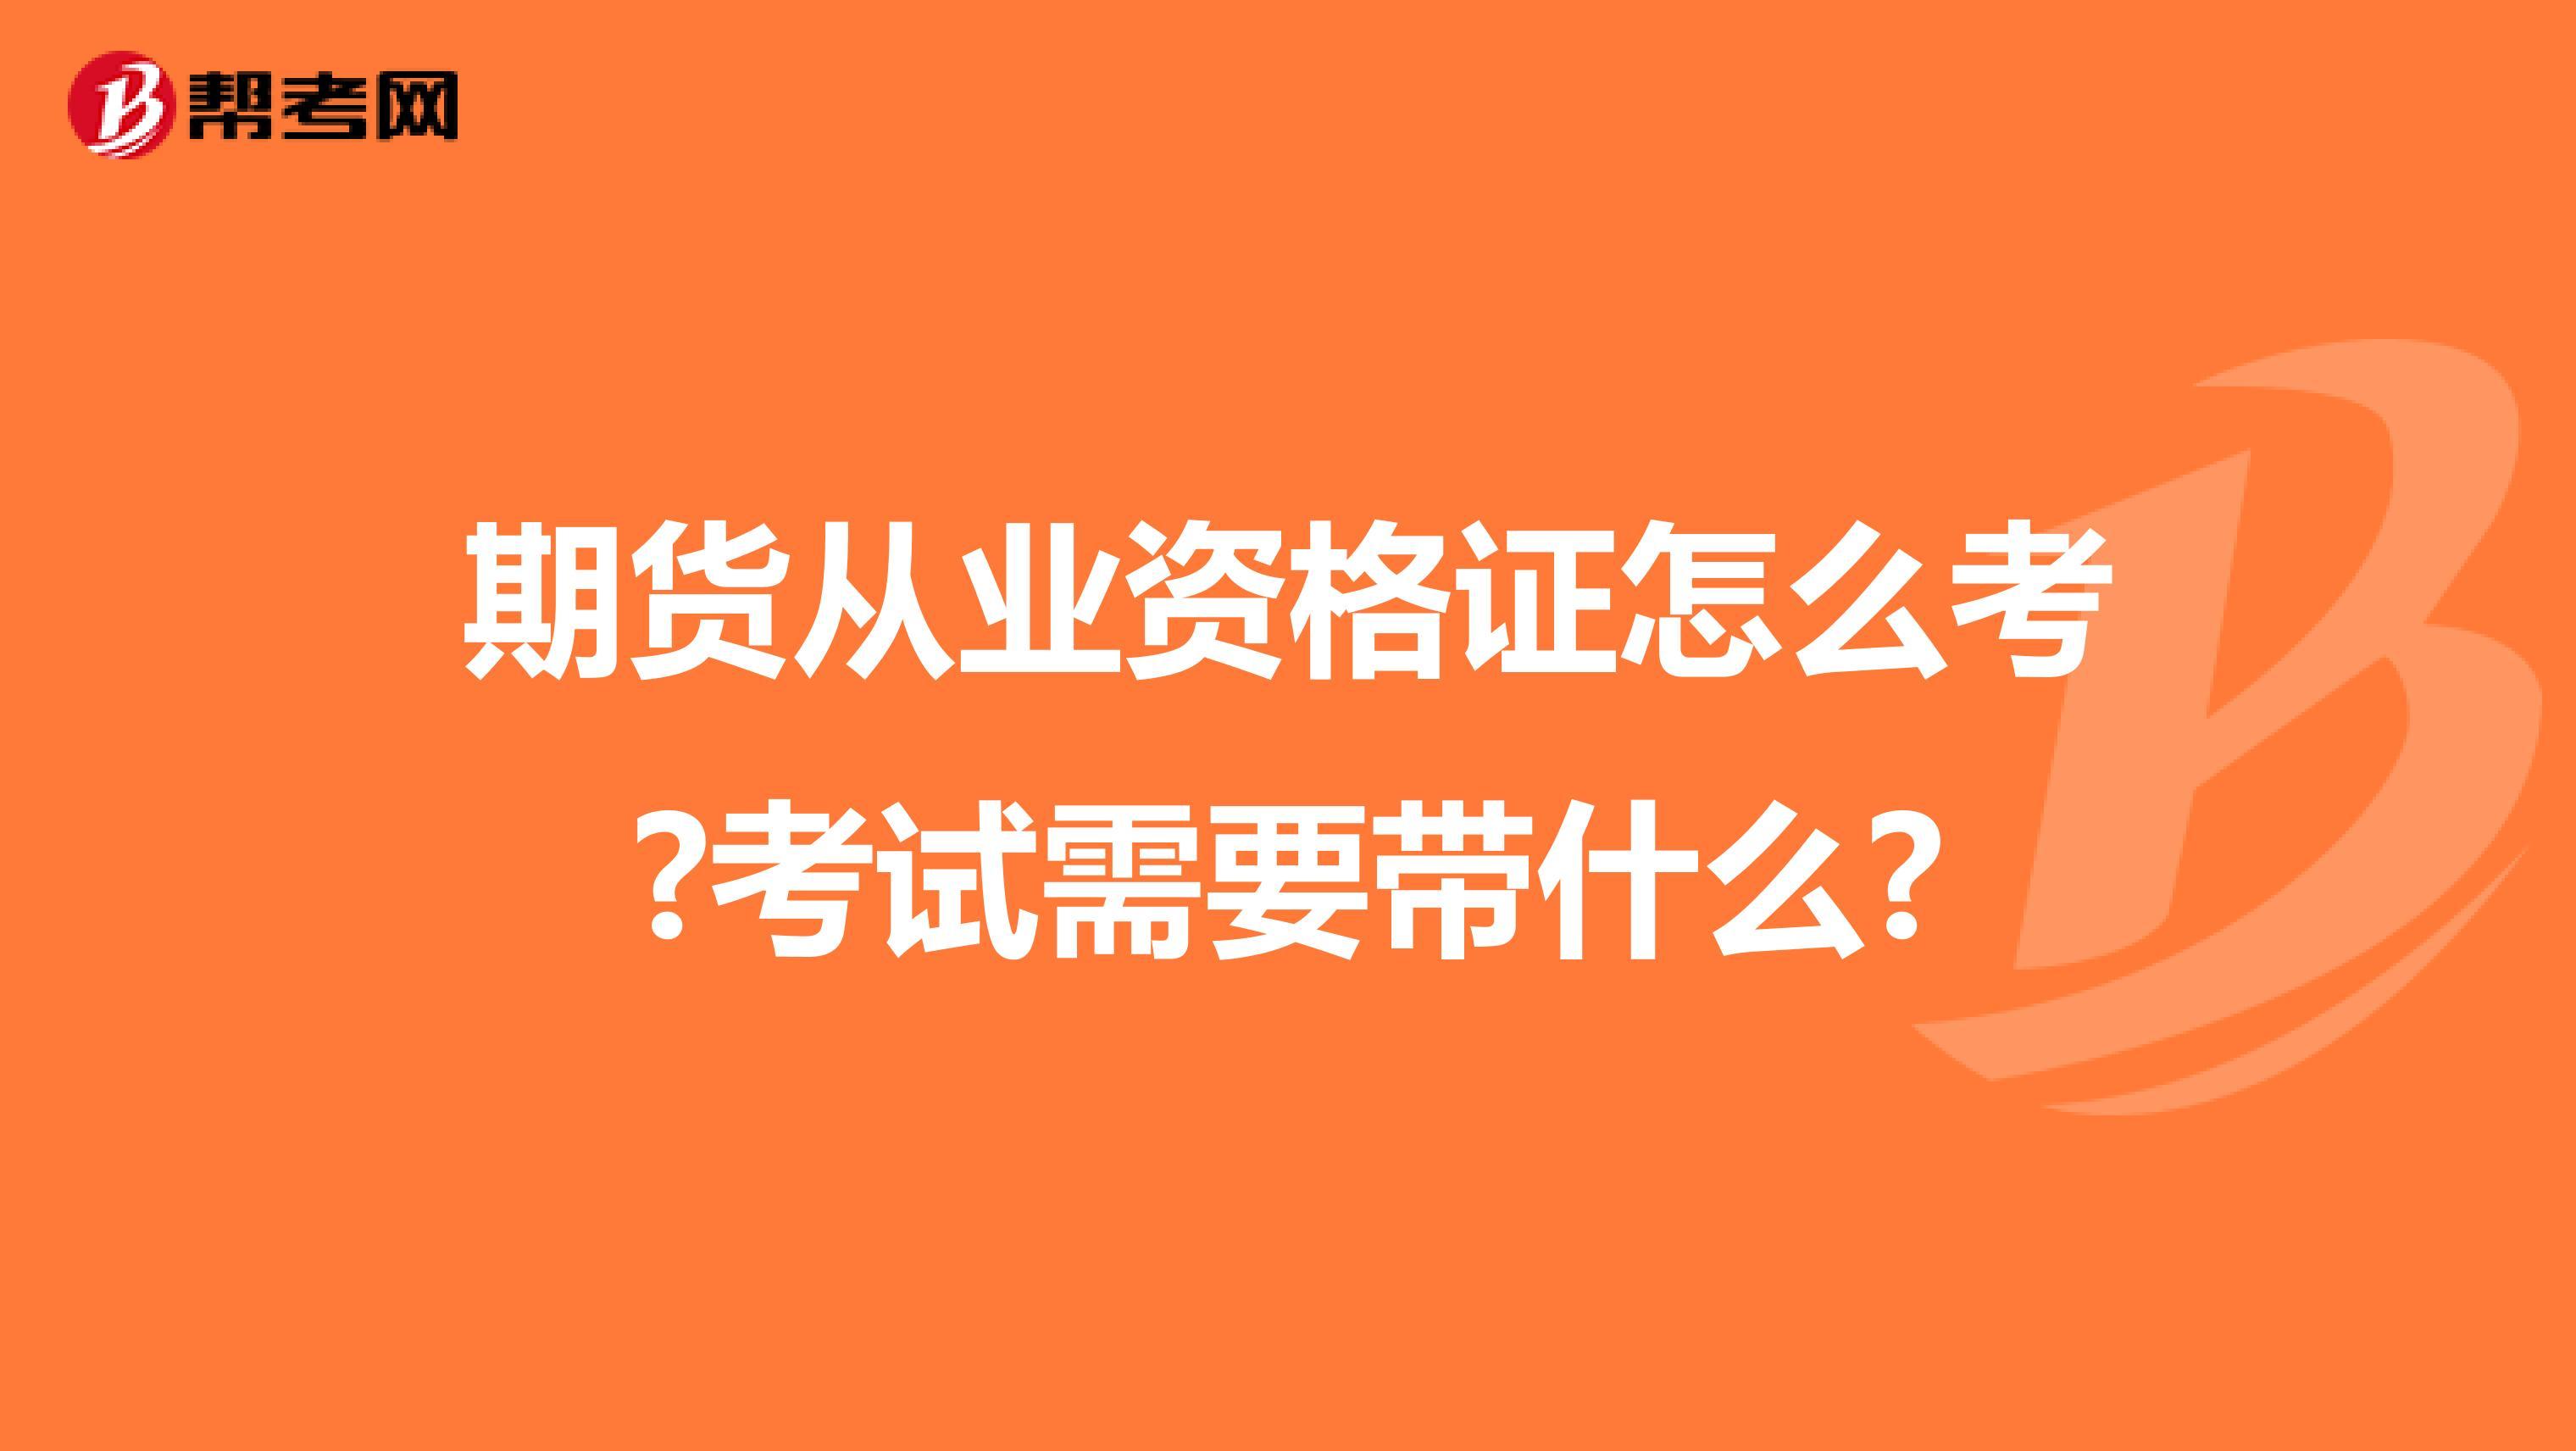 期货从业资格证怎么考?考试需要带什么?